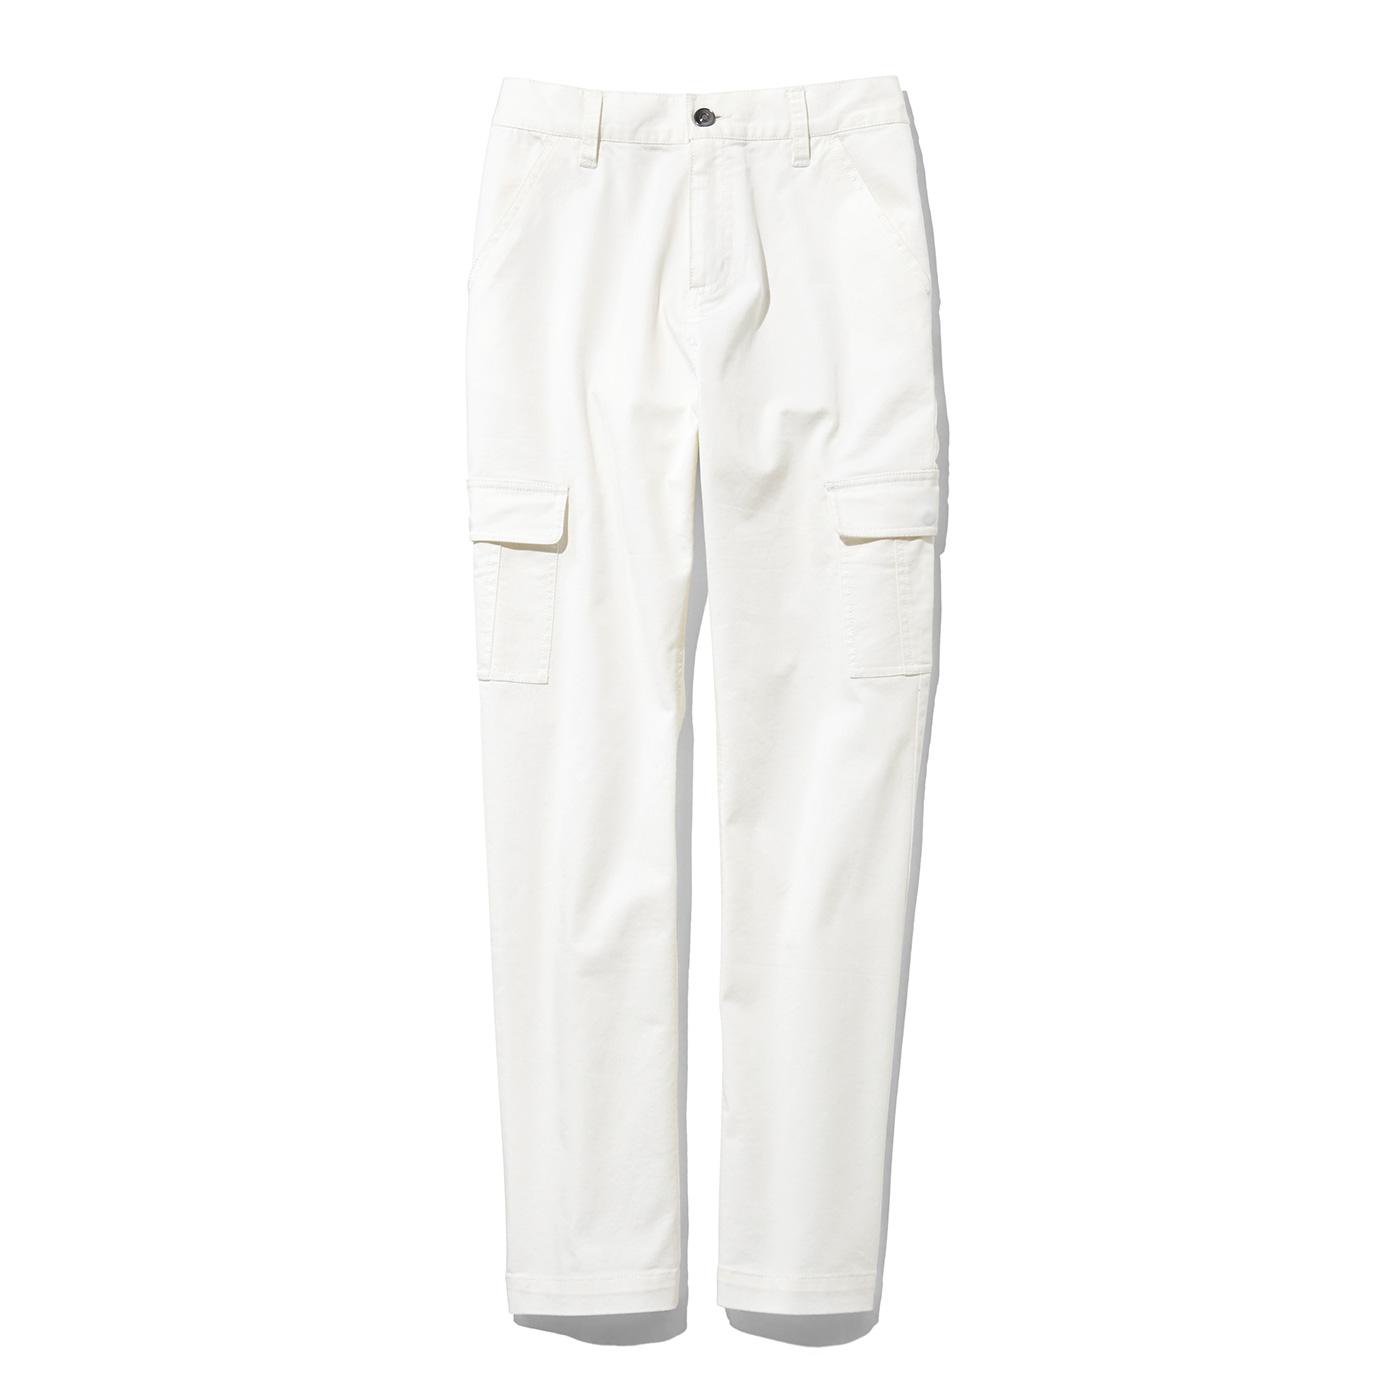 IEDIT パンプススタイルがキレイにキマる すっきりシルエットのカーゴパンツ〈ホワイト〉